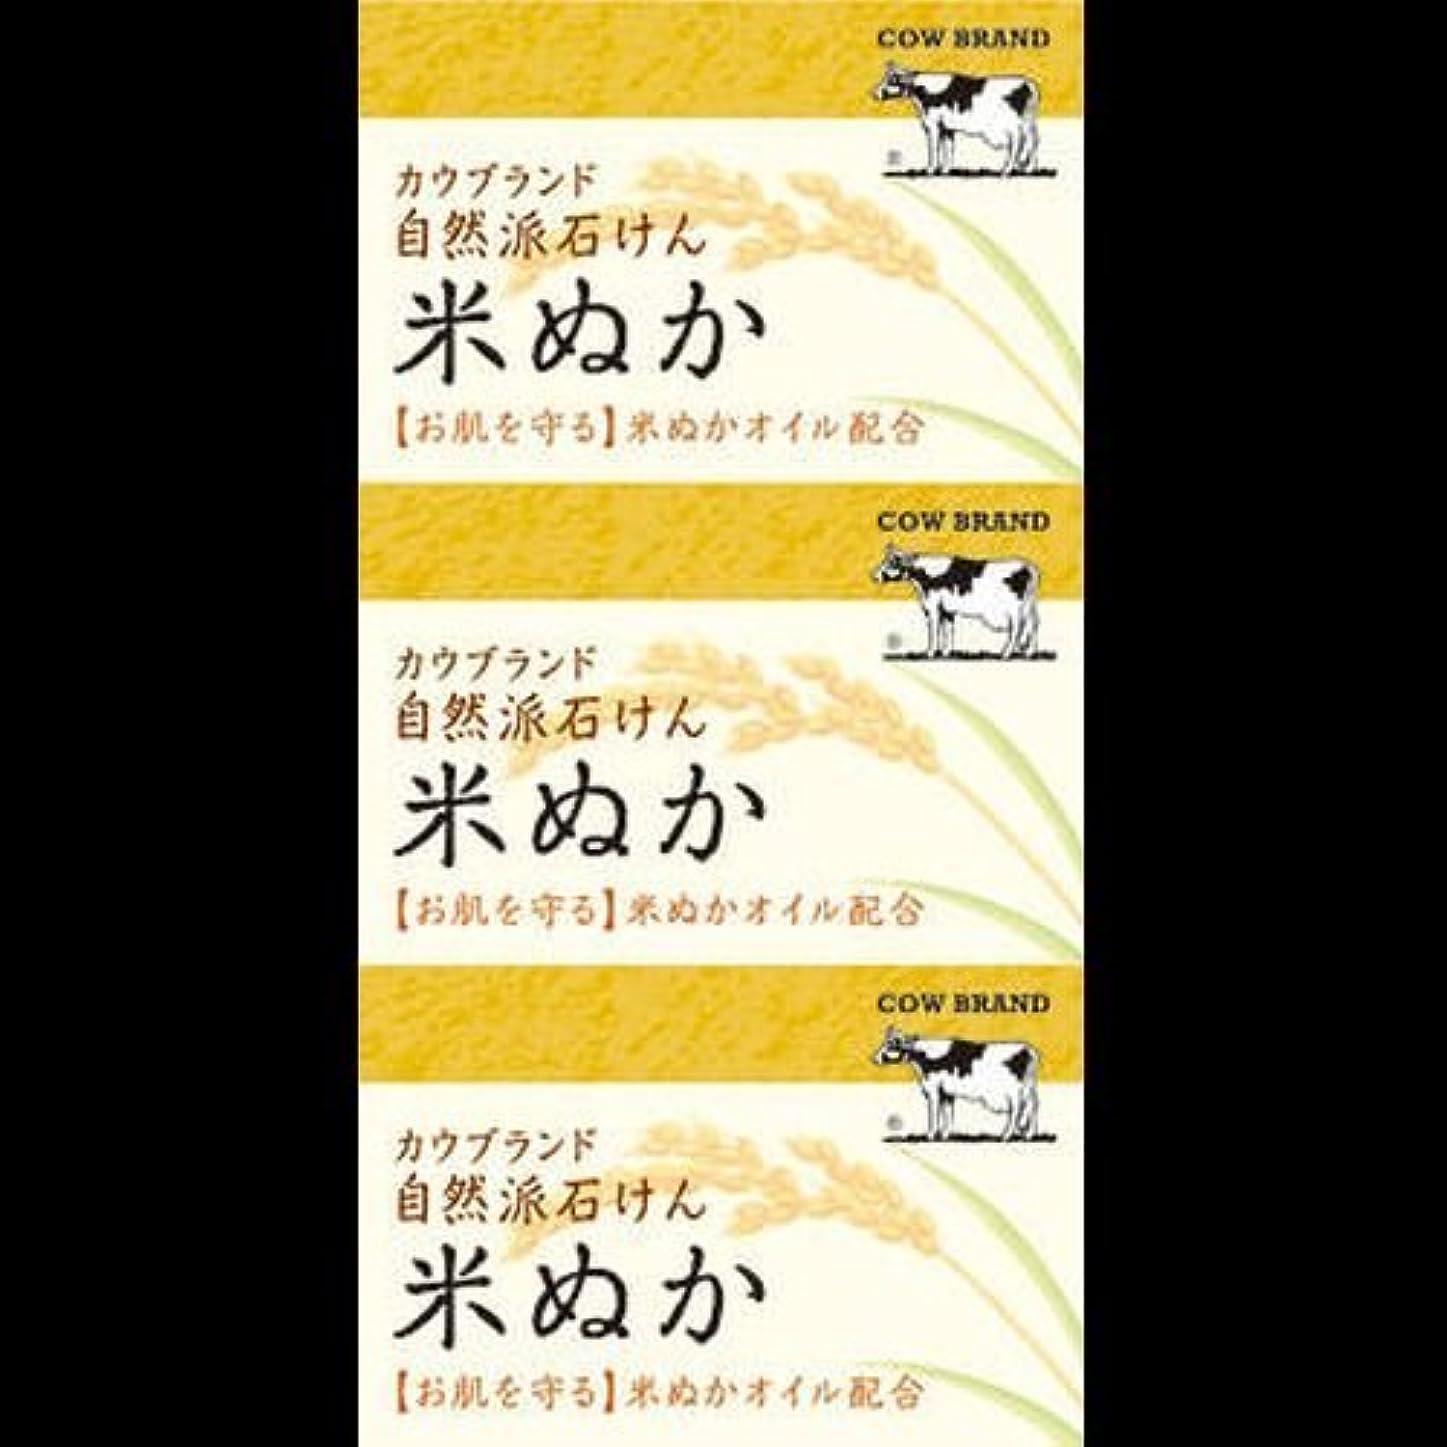 実現可能性夜明け構造【まとめ買い】カウブランド 自然派石けん 米ぬか 100g*3個 ×2セット